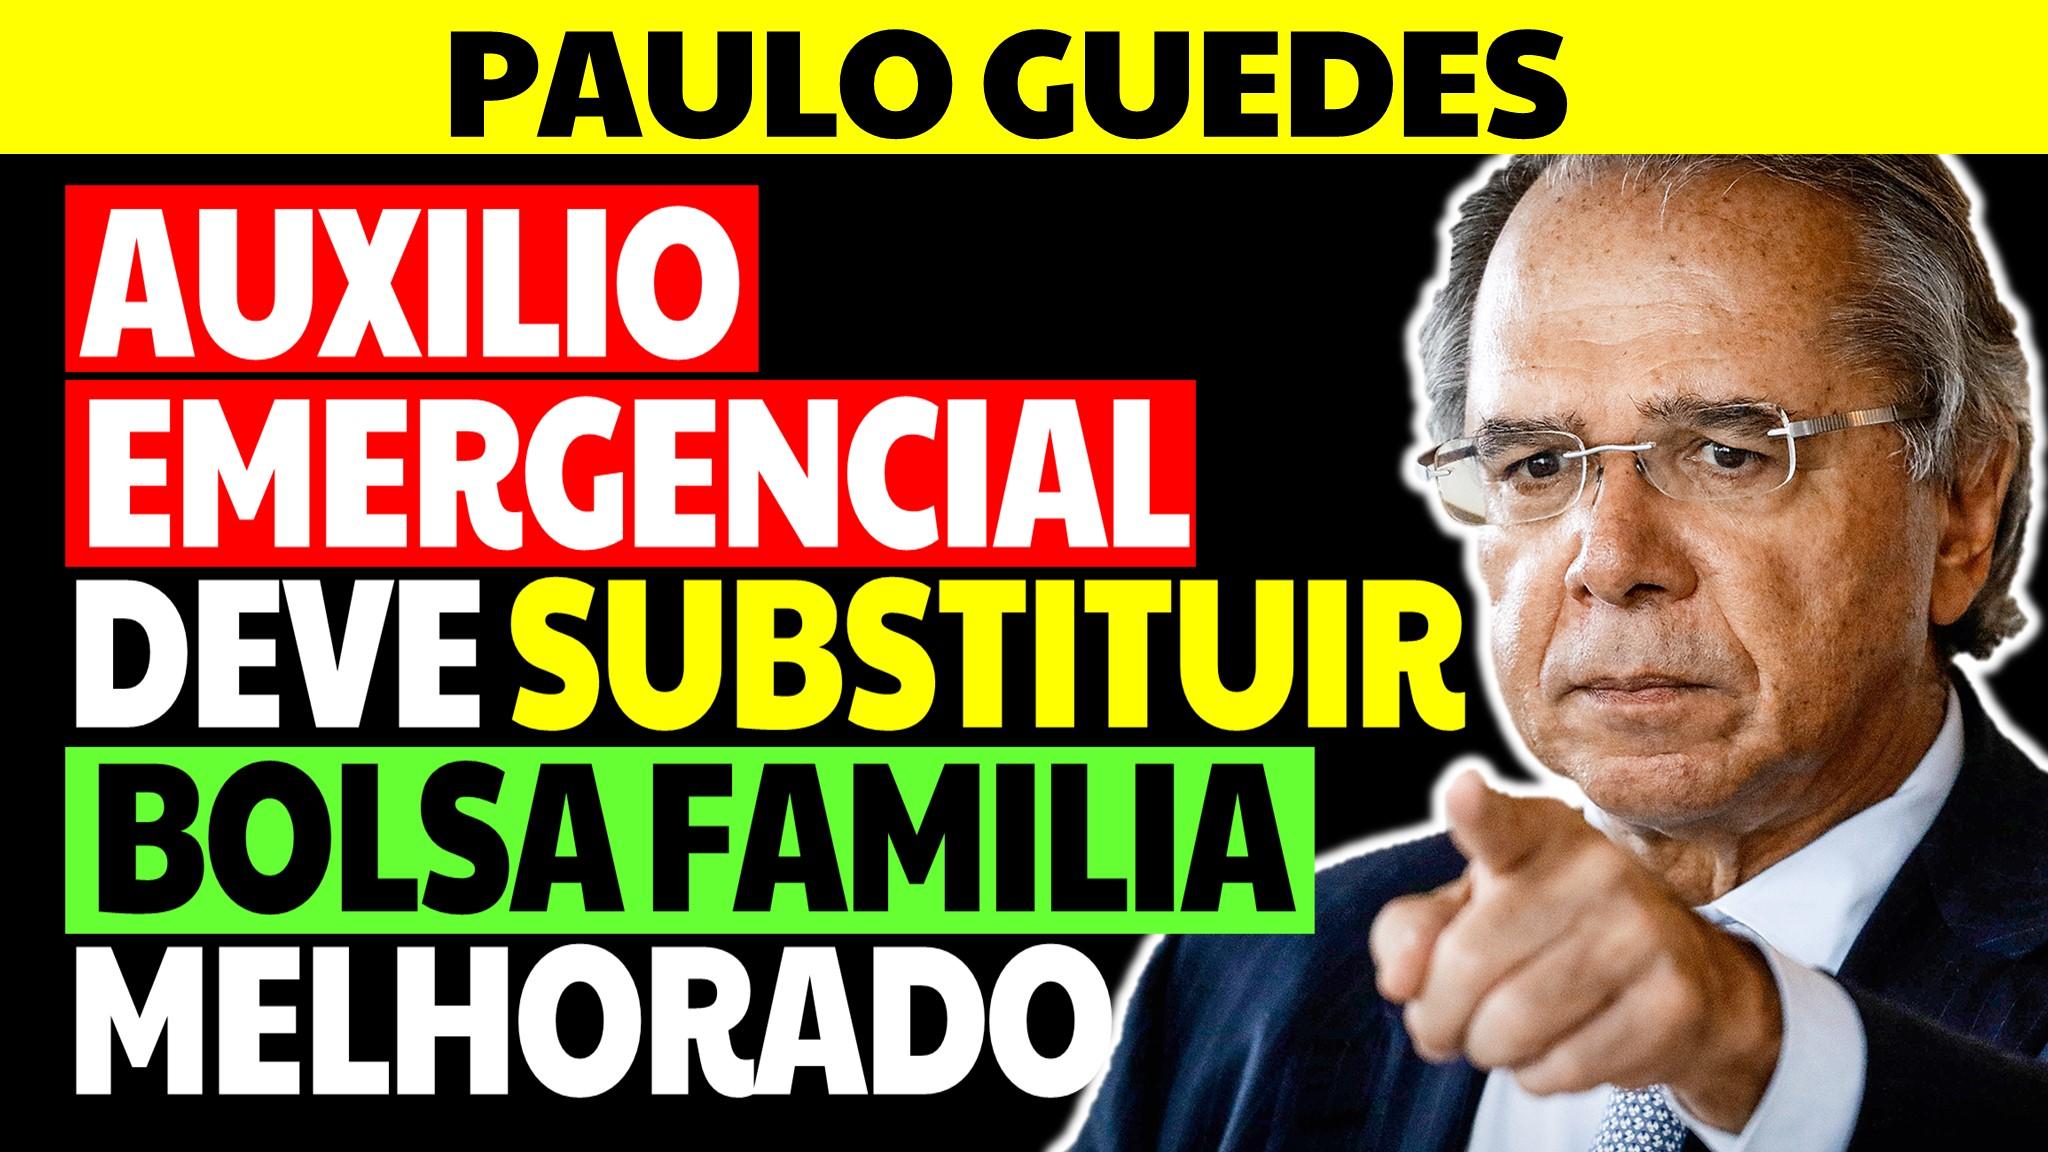 Paulo Guedes: Auxílio Emergencial deve ser substituído por Bolsa Família 2021 Melhorado